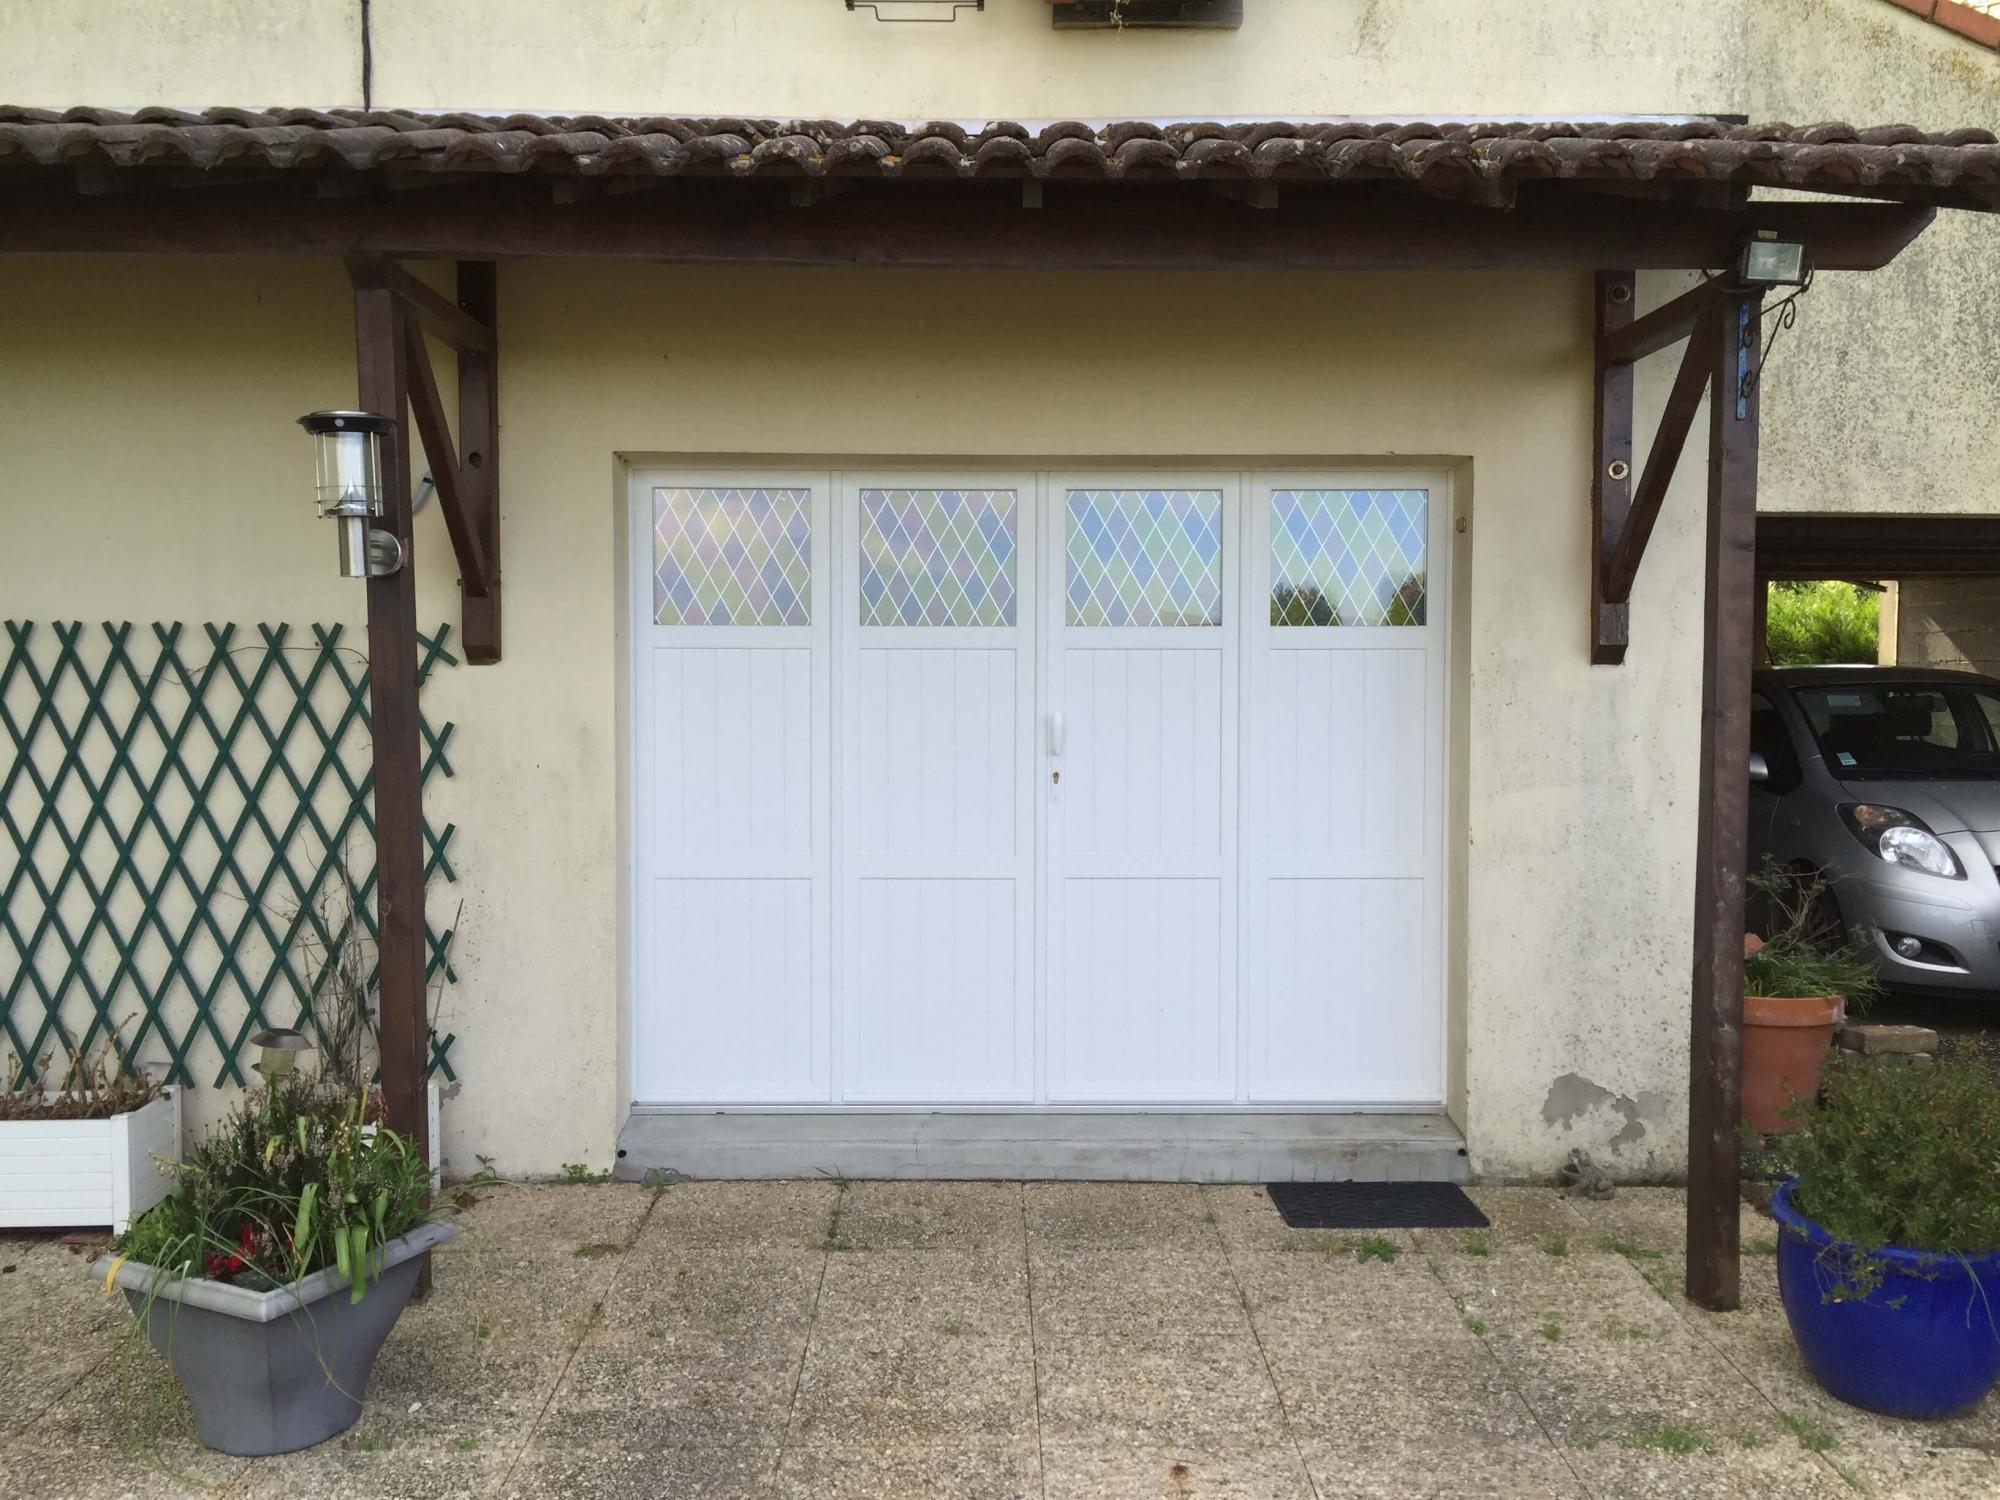 Les r alisations en menuiserie de solabaie poitiers - Porte de garage pvc blanc ...